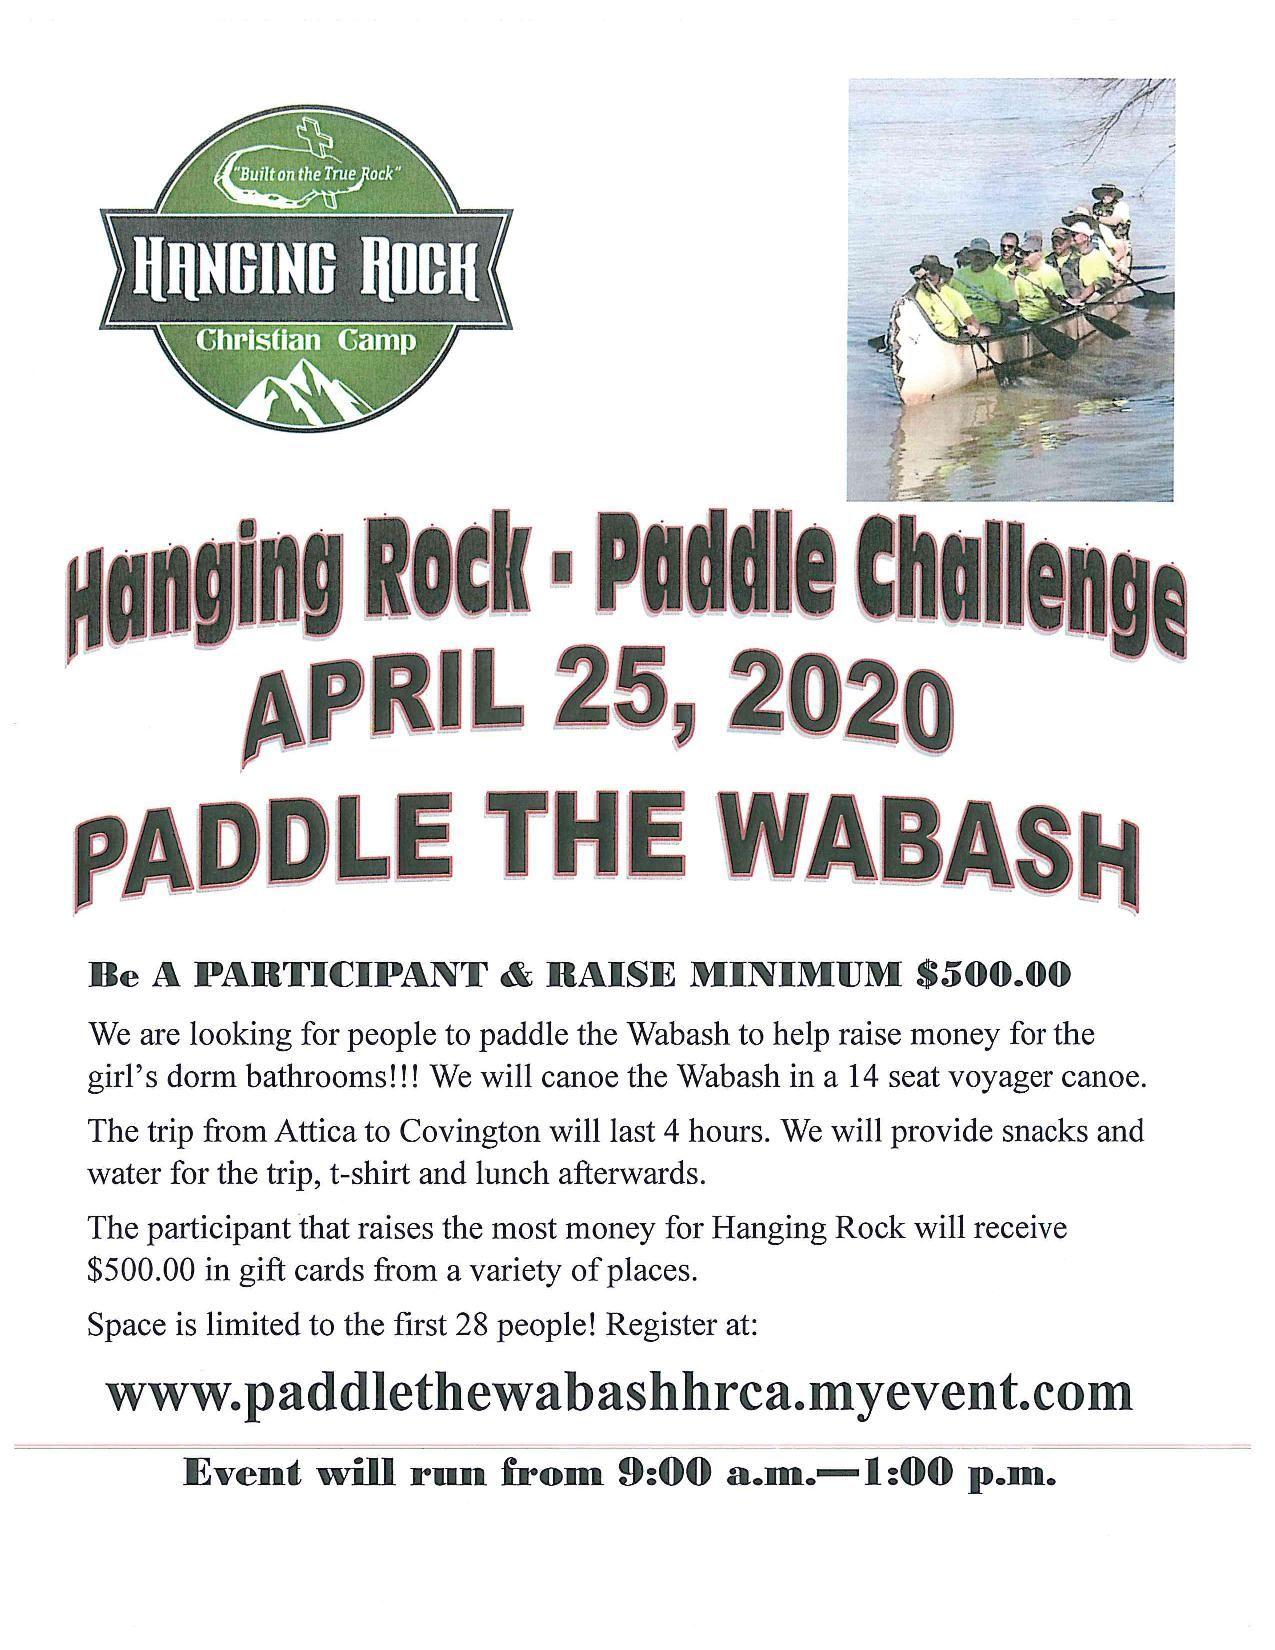 Paddle the Wabash Registration